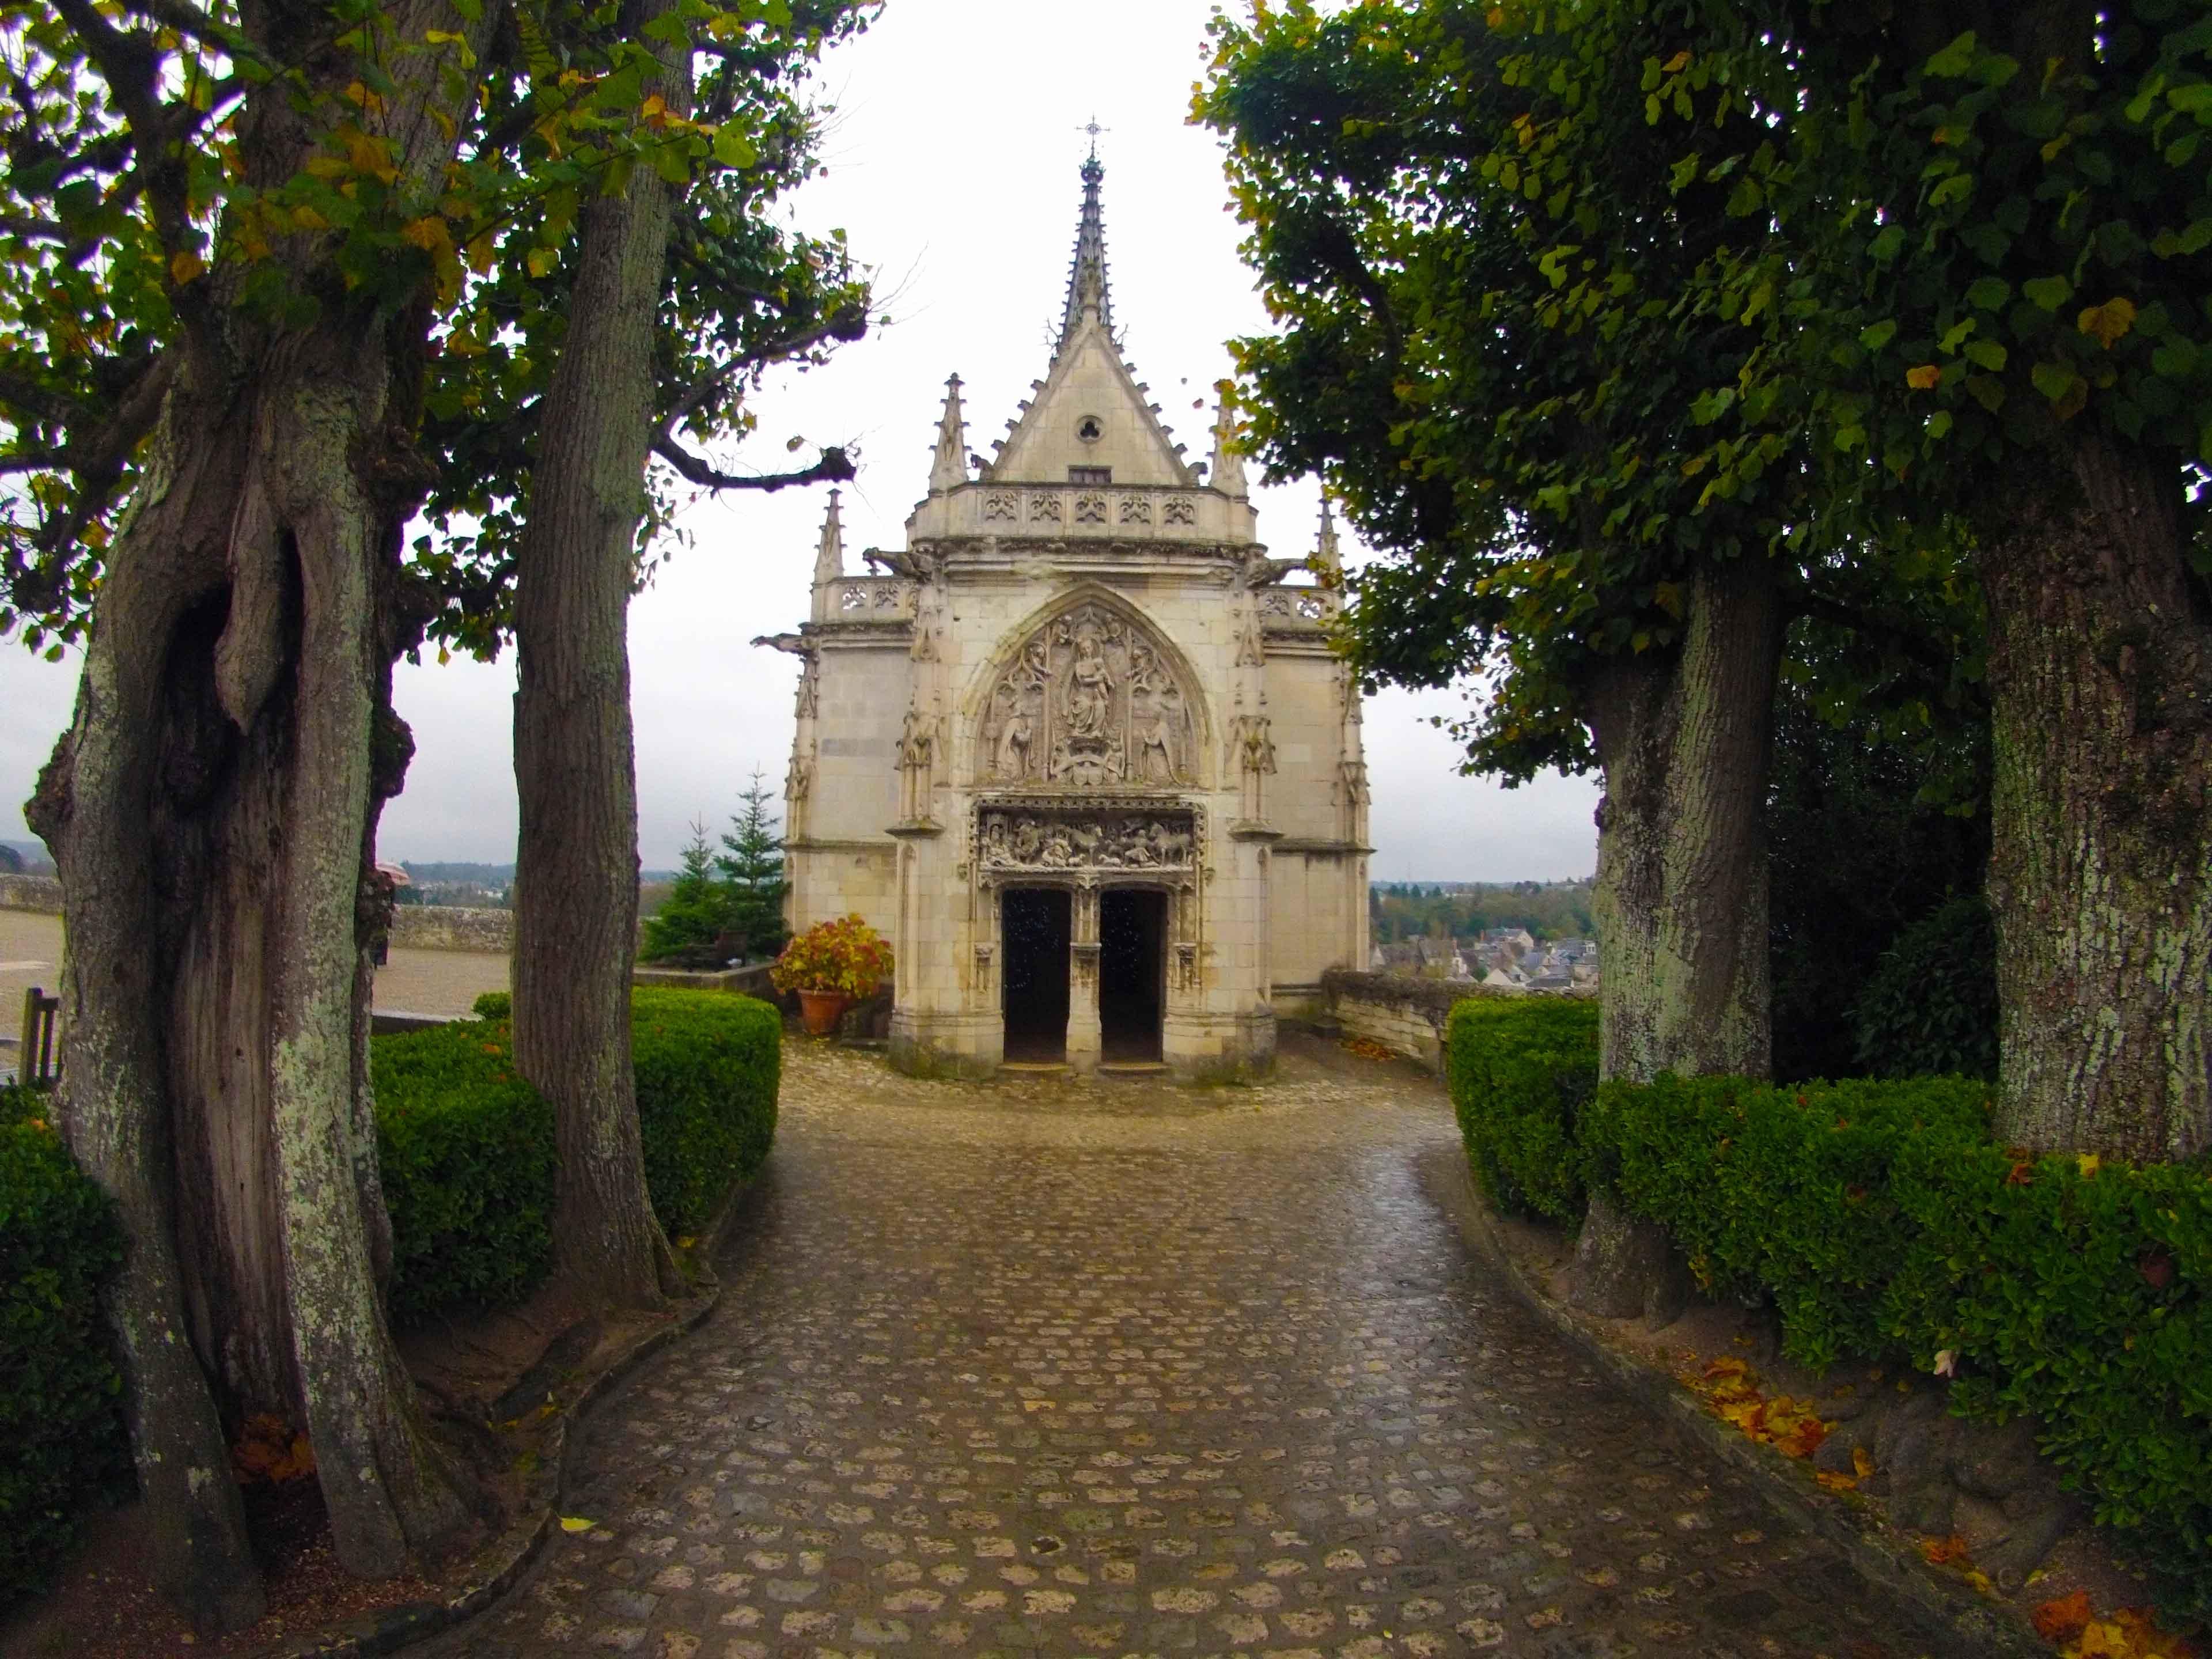 Capela desenhada e construída por Leonardo da Vinci. Hoje o local abriga o túmulo do artista